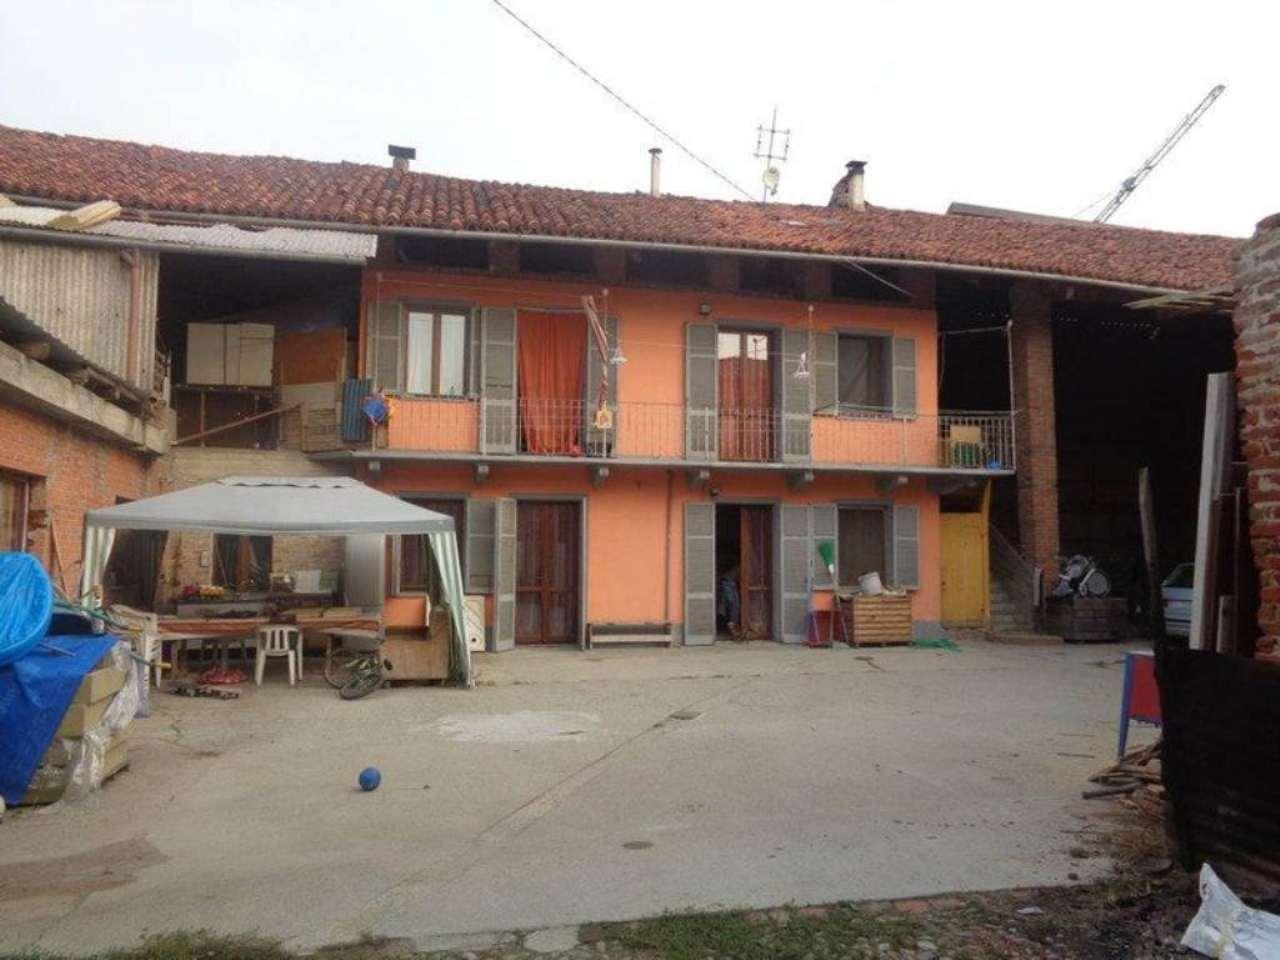 Soluzione Indipendente in vendita a Montanaro, 8 locali, prezzo € 260.000 | Cambio Casa.it